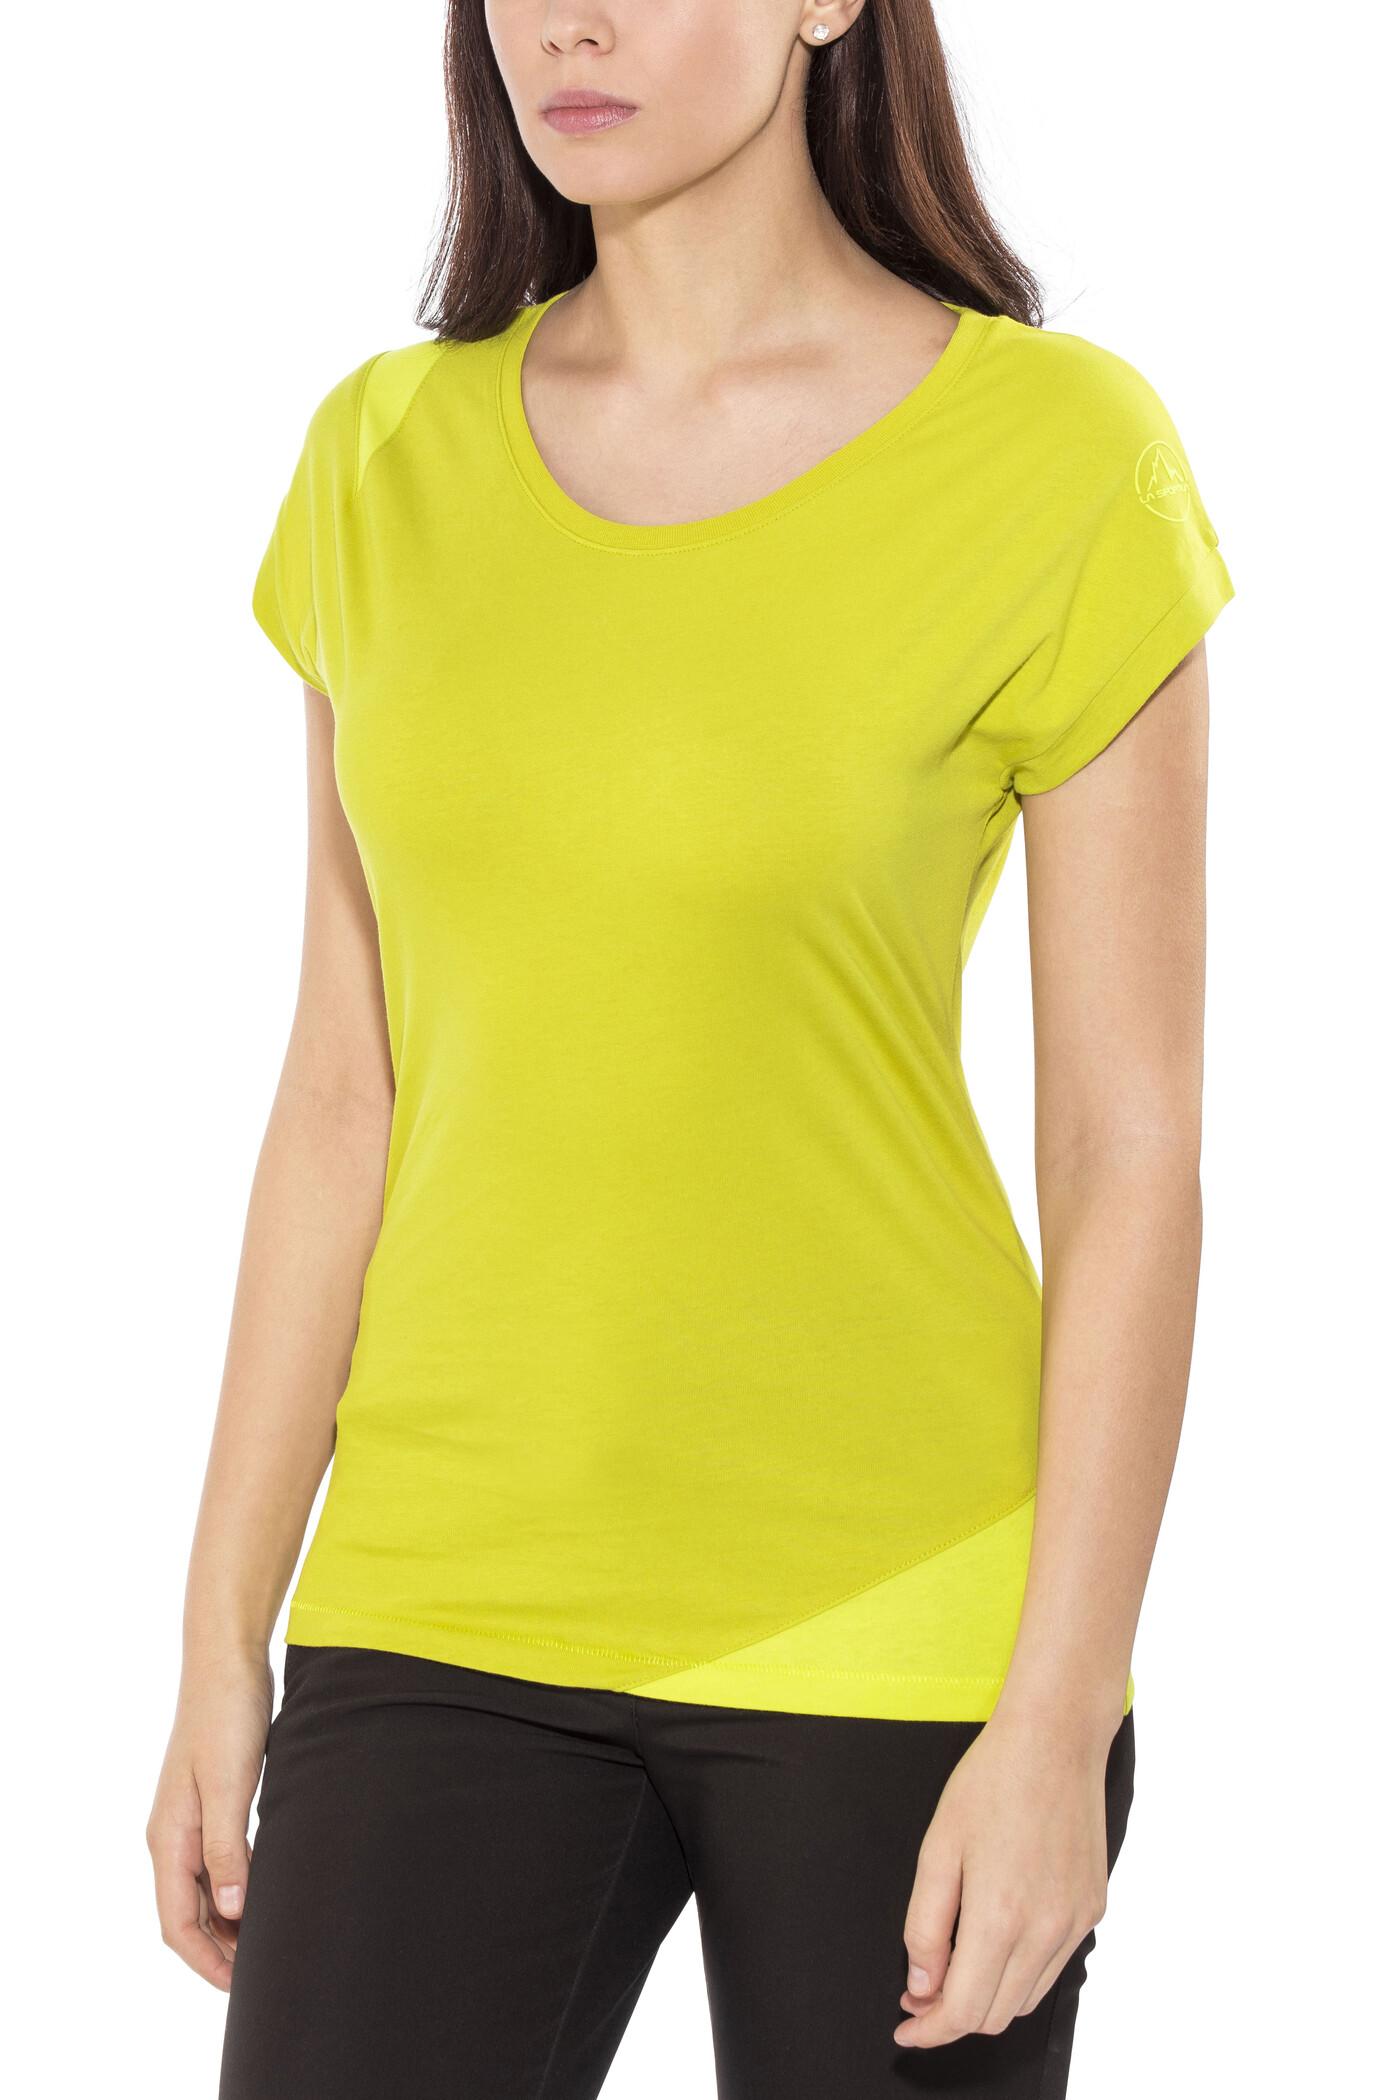 459934d9 https://www.campz.de/houdini-airborn-zip-shirt-women-midwinter ...